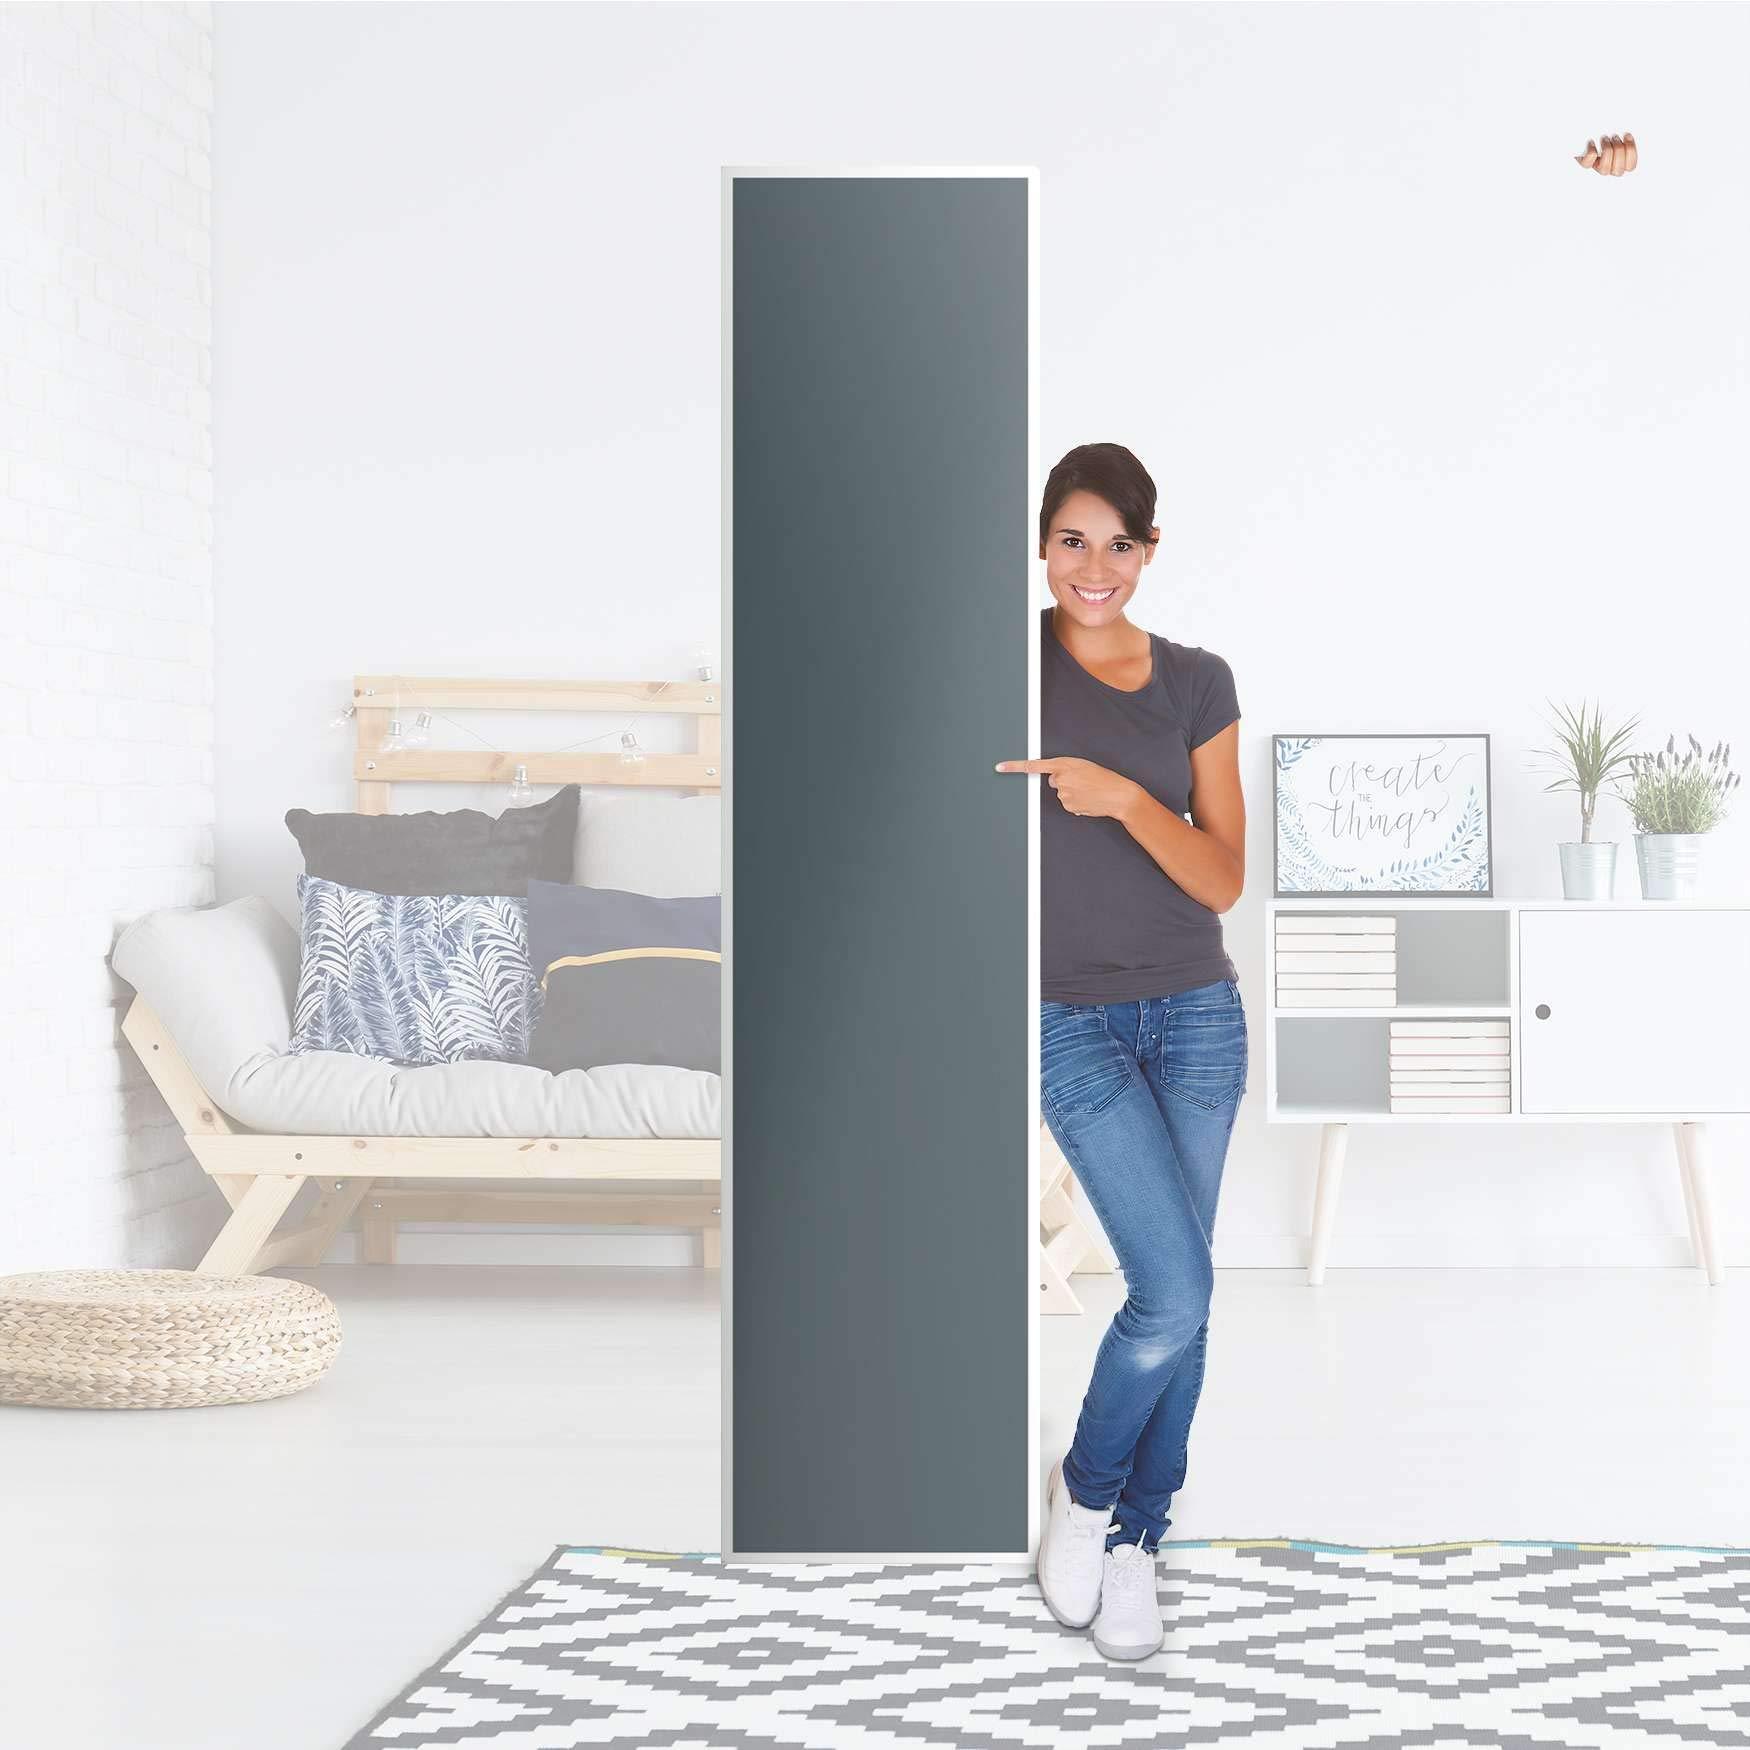 creatisto Diseño Pantalla IKEA Pax Armario 236 cm Altura – 1, 2, 3, 4 Puertas y Puerta corredera Autoadhesivo diseño Deko Pantalla Reverso Adhesivo Armario Dormitorio: Amazon.es: Hogar